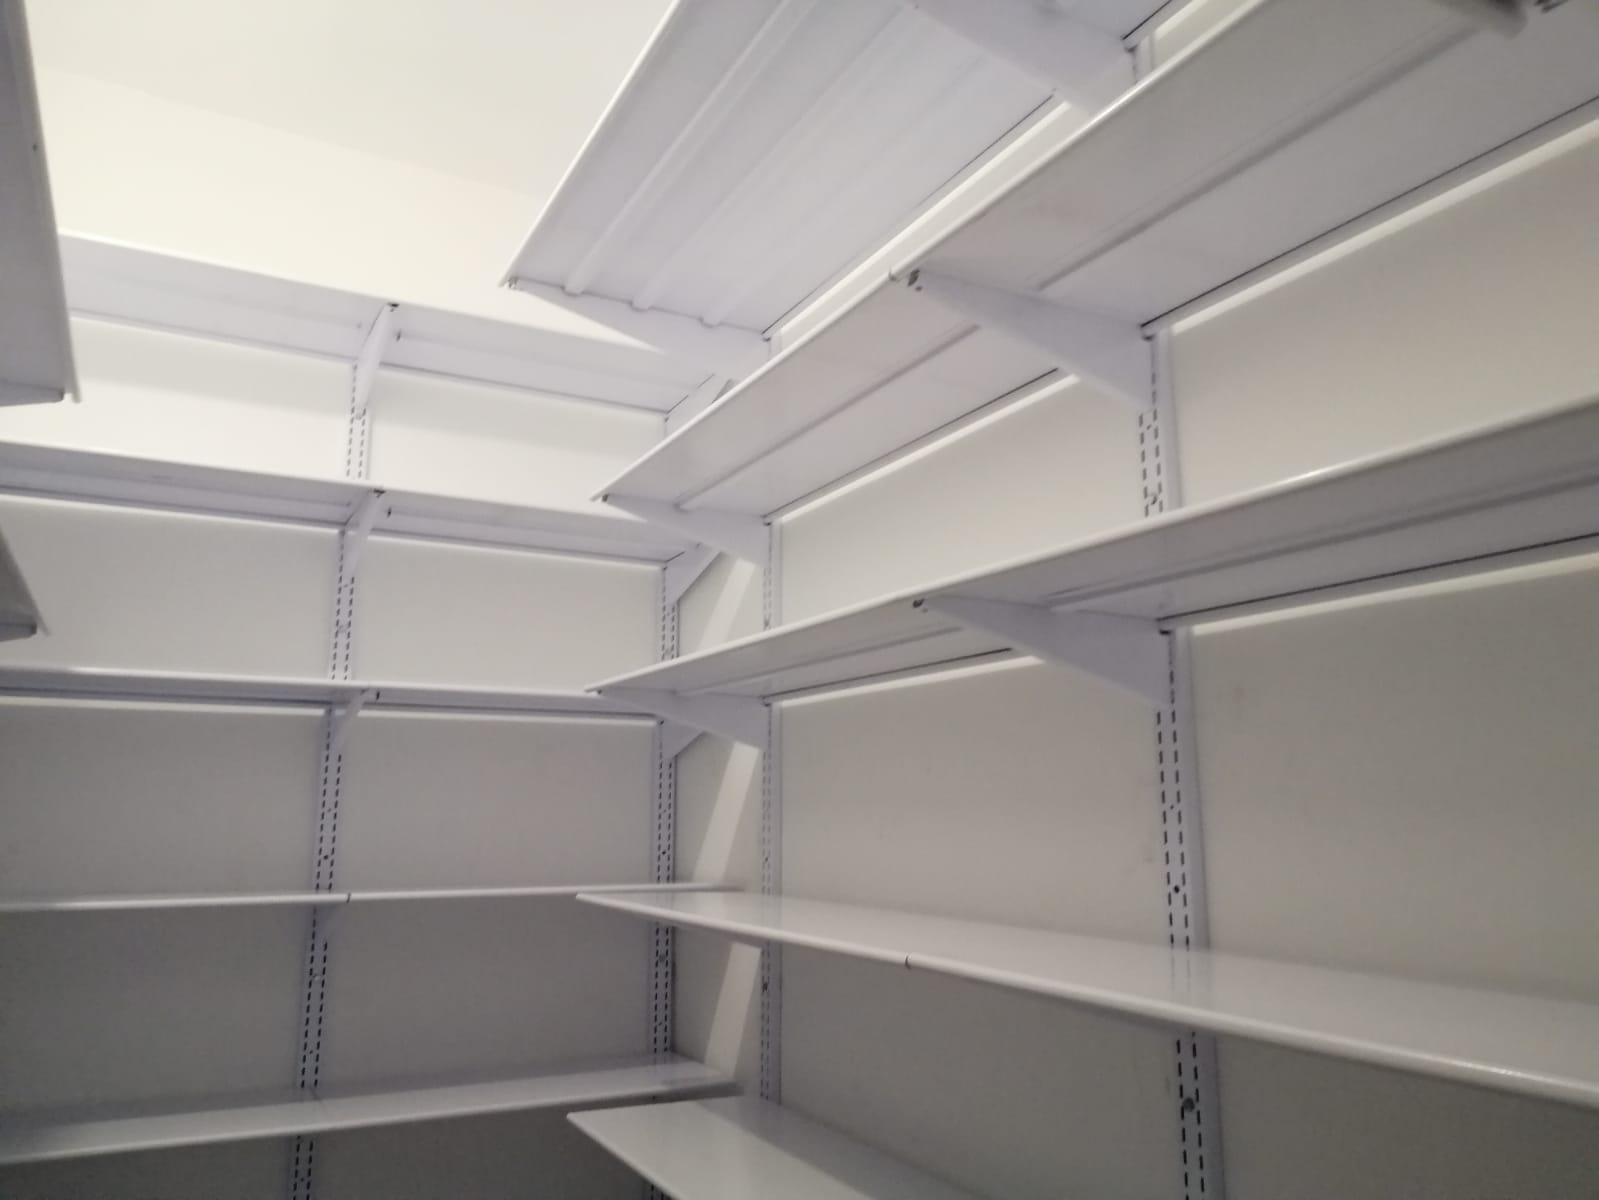 מדפי קיר לבנים למחסן ביתי